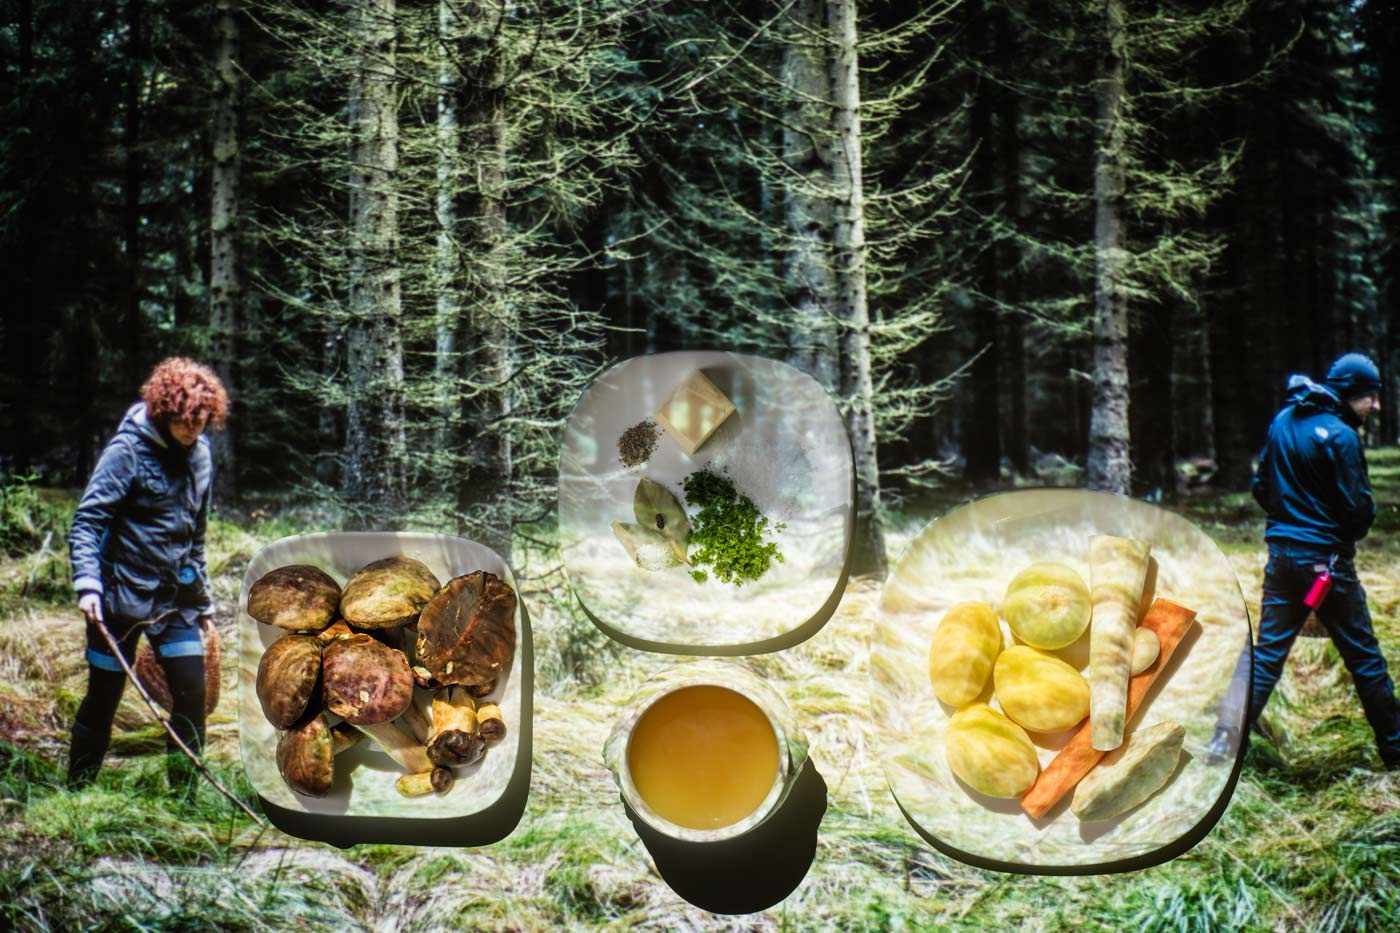 Mushroom soup step by step recipe